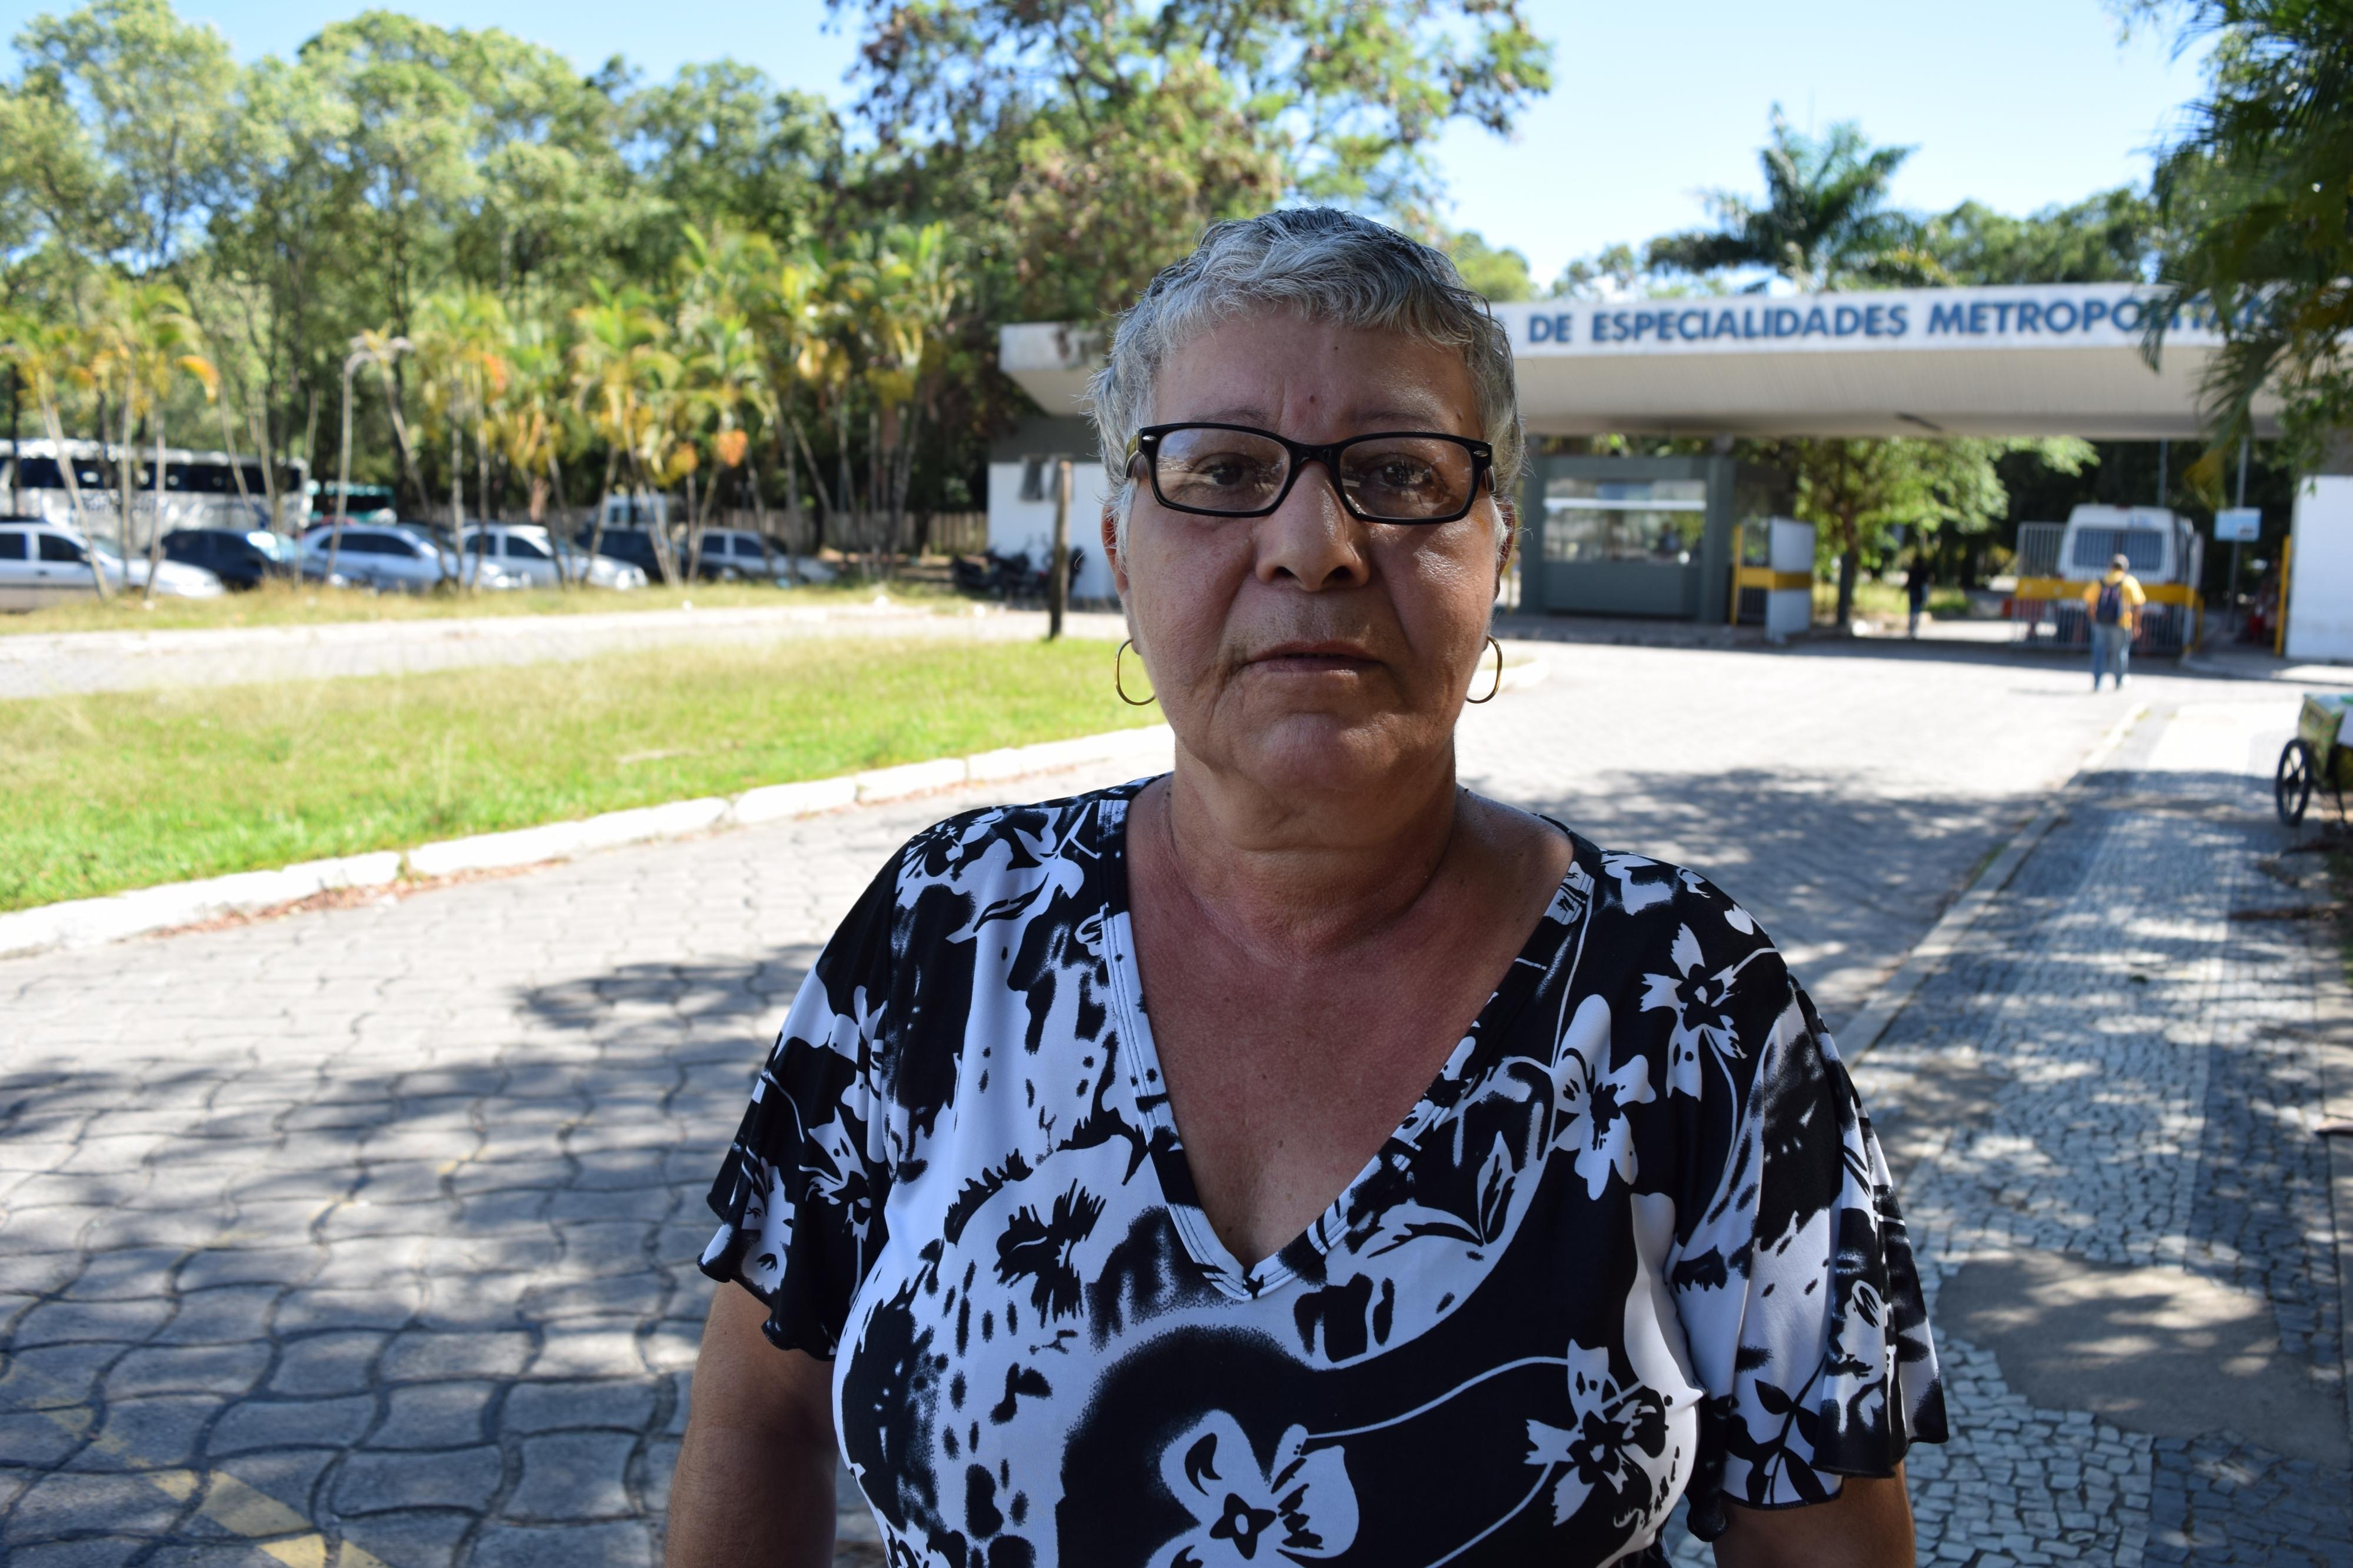 Maria Nilcéia esperou três anos por uma vaga com oftalmologista . Crédito: Kaique Dias